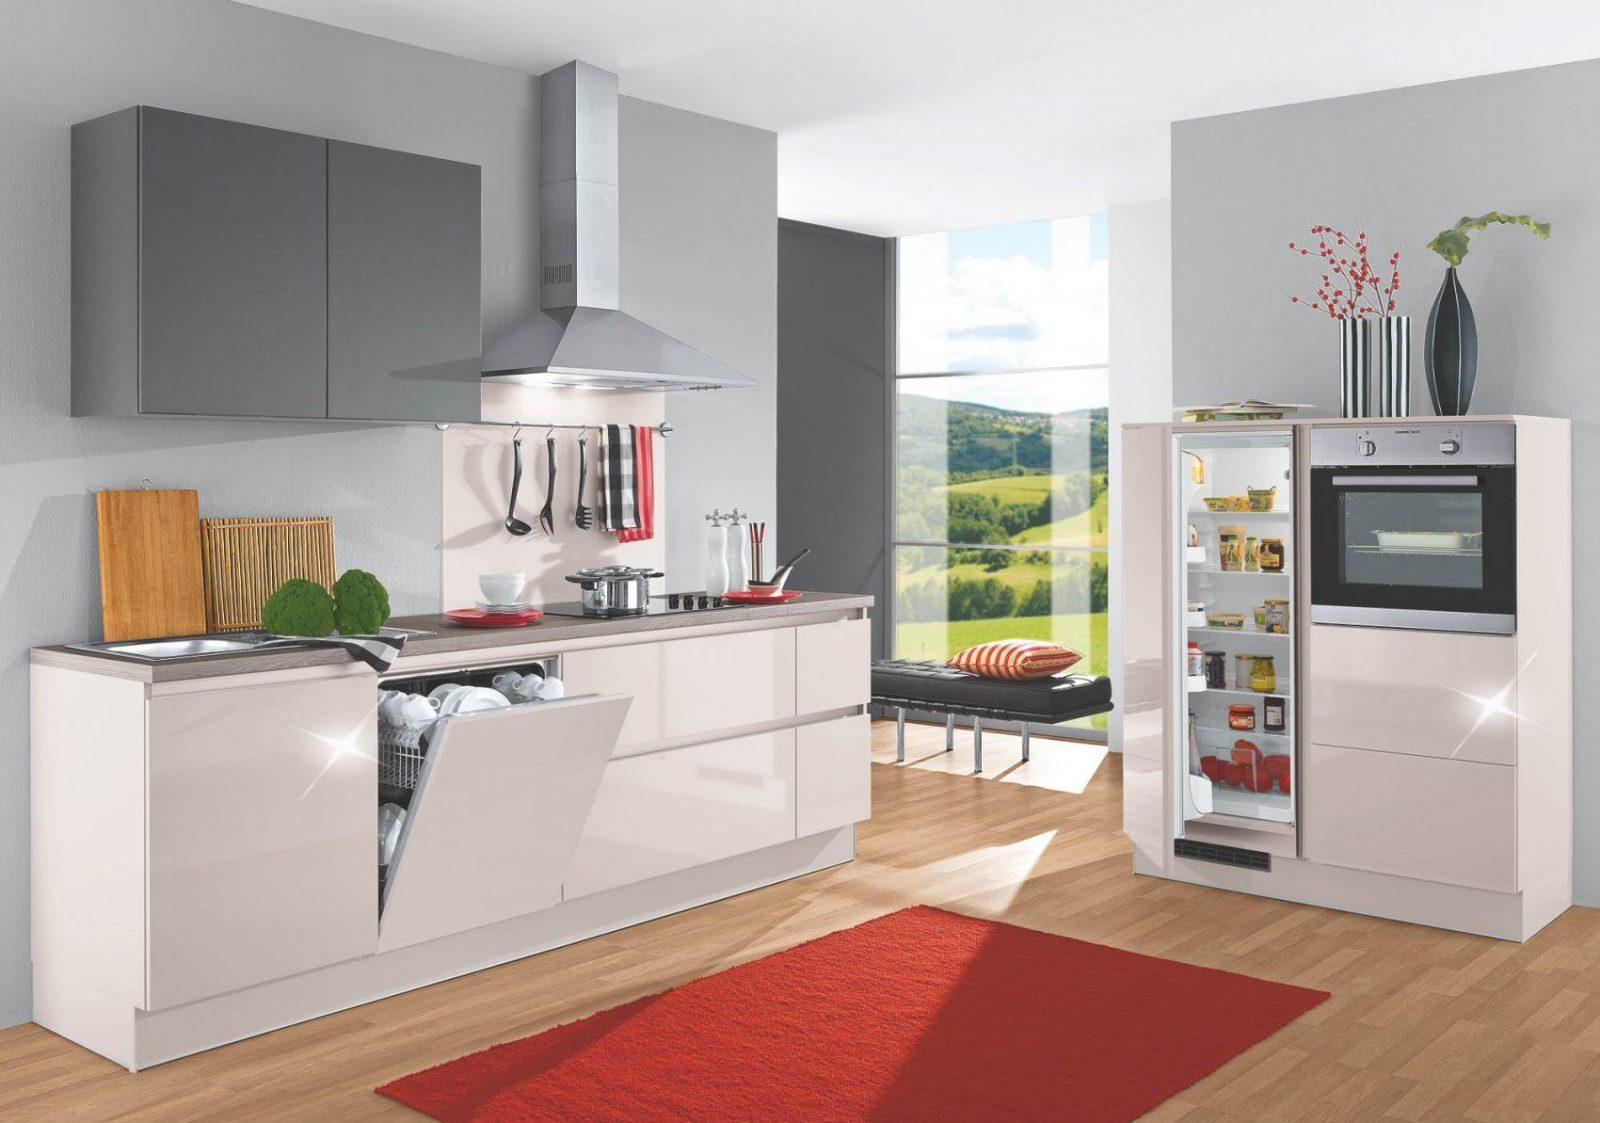 Beige Küche Günstig Kaufen  Beige Küchen Börse  030 609848088 von Küche L Form Günstig Kaufen Bild